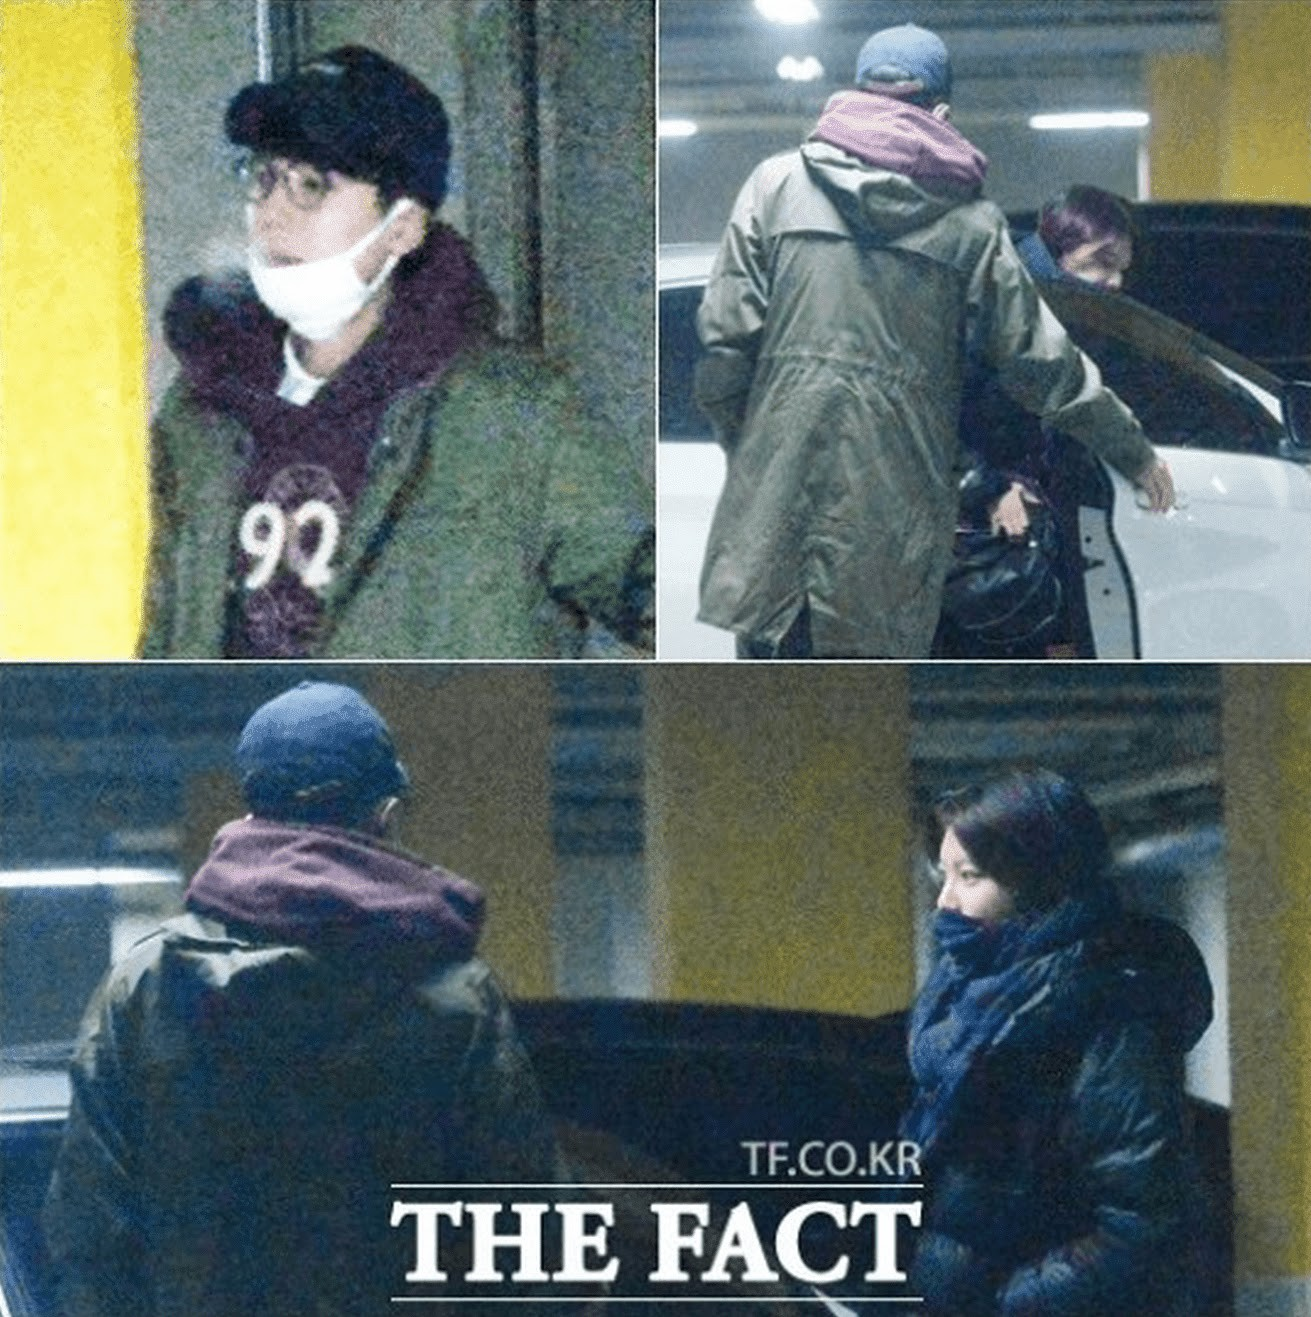 10 dấu hiệu để nhận biết idol Kpop đang hẹn hò: 5 trong số đó từng bị netizen phát hiện, điều số 8 gây bất ngờ - Ảnh 1.